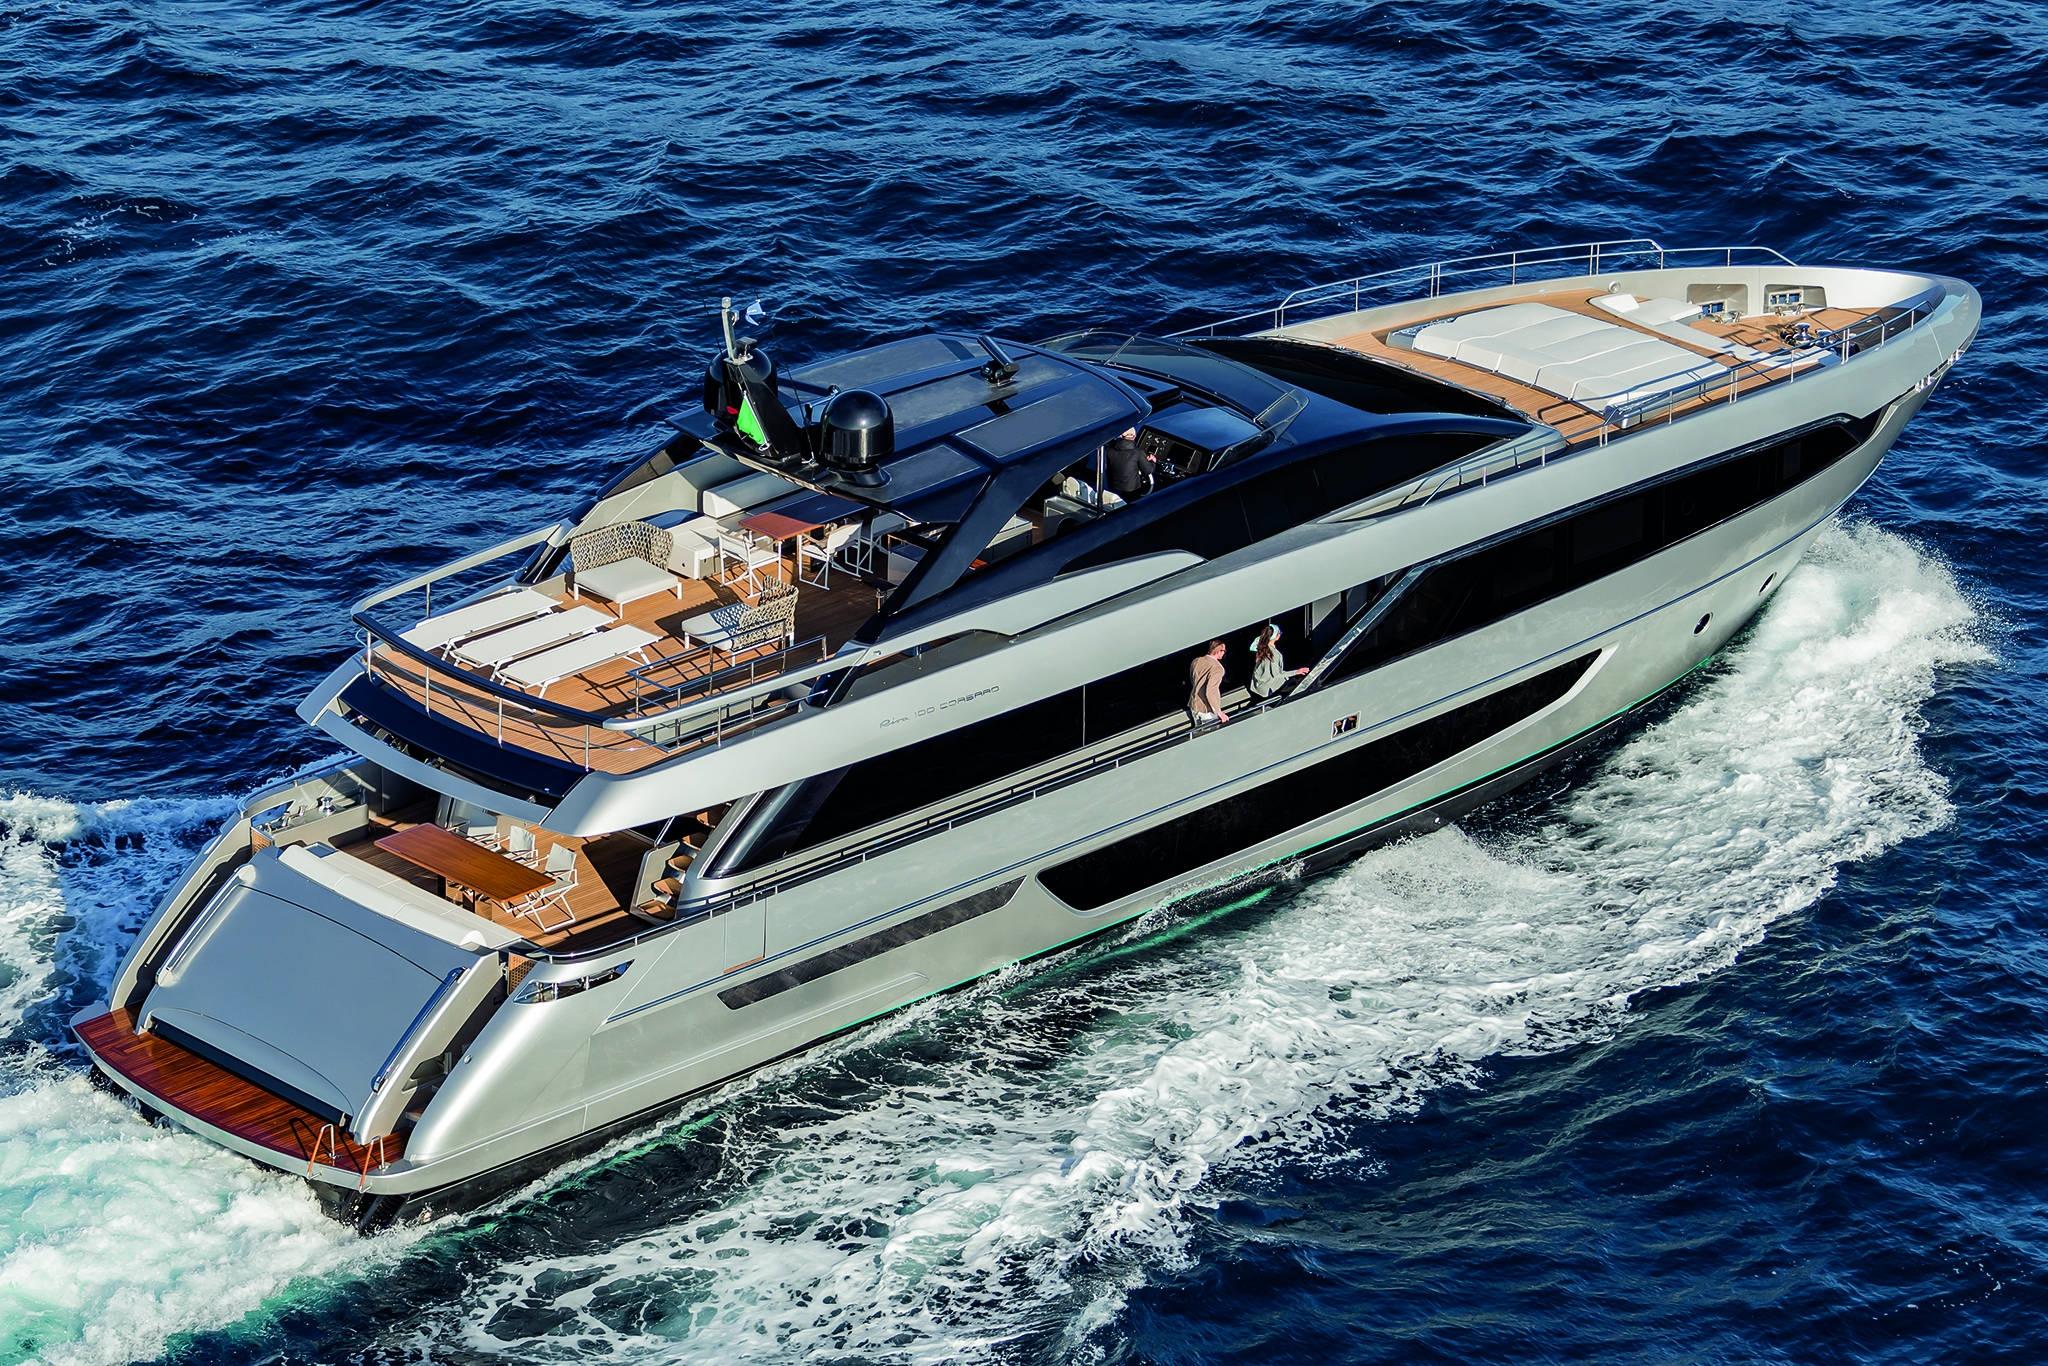 New Riva Corsaro - Ita Yachts Canada